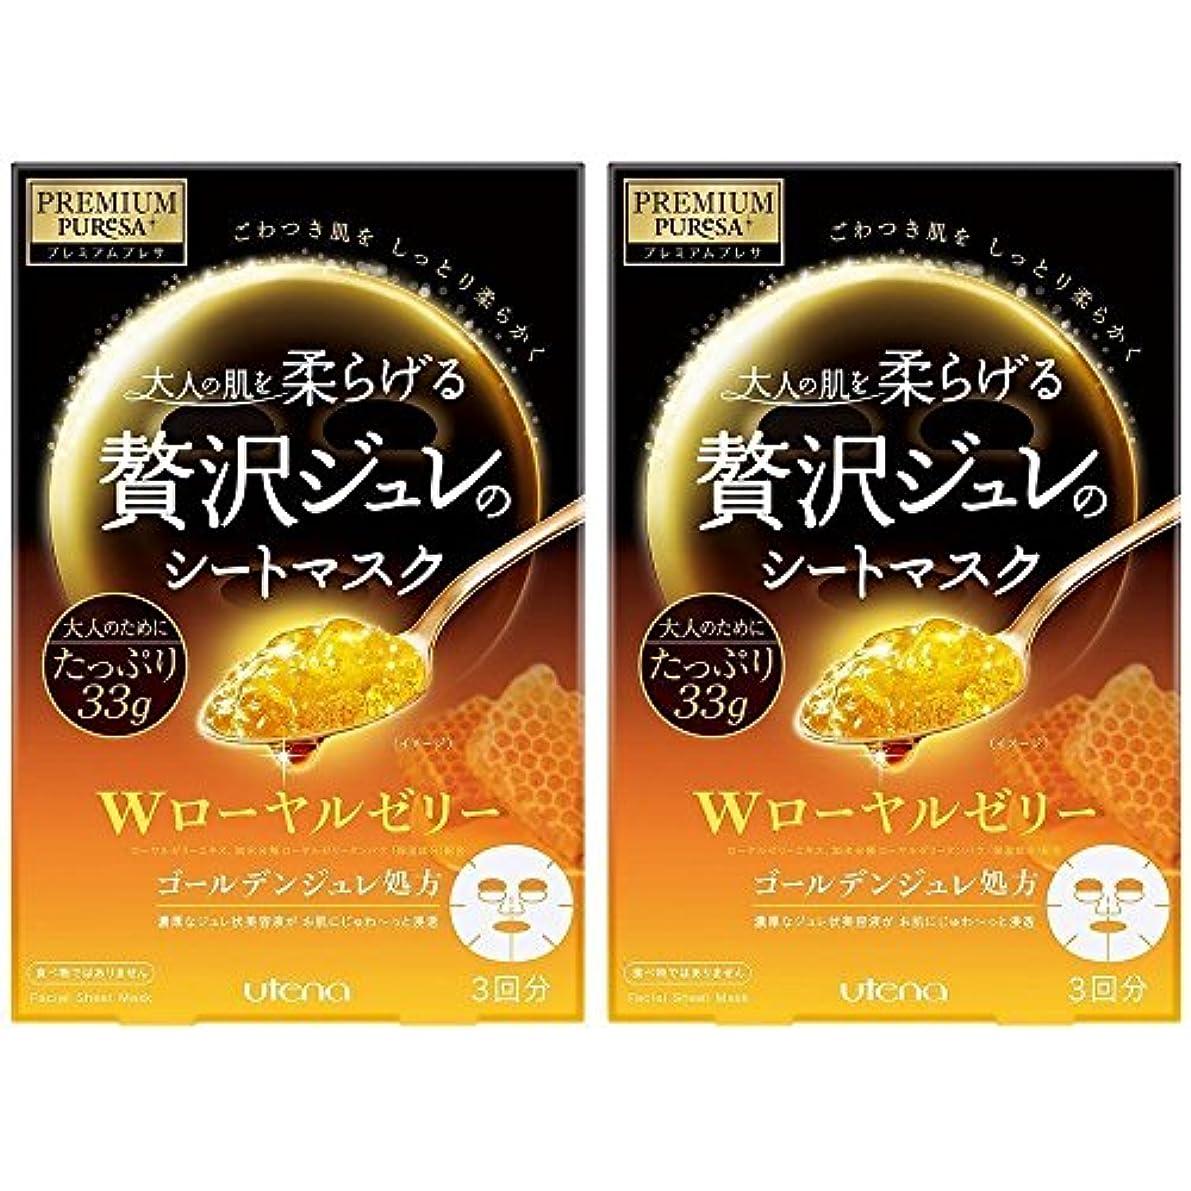 【セット品】PREMIUM PUReSA(プレミアムプレサ) ゴールデンジュレマスク ローヤルゼリー 33g×3枚入 (2個)